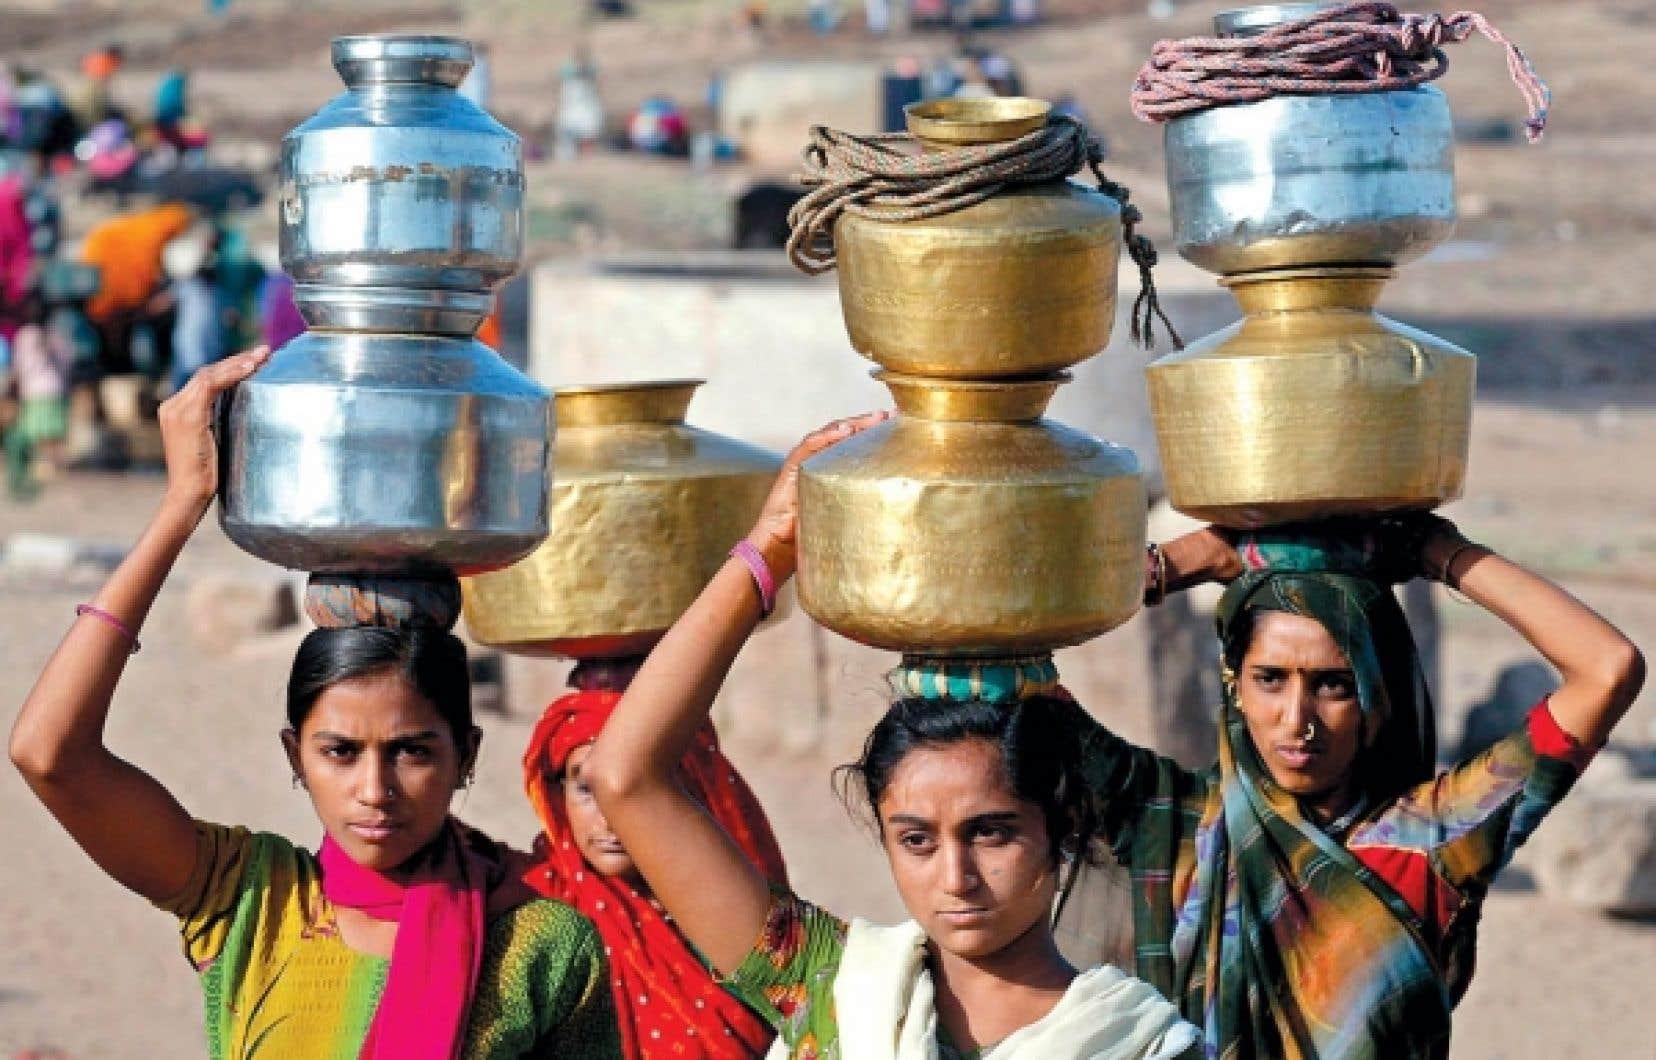 La discrimination envers les filles est incrust&eacute;e dans la tradition de certaines soci&eacute;t&eacute;s, dont l&rsquo;Inde.<br />